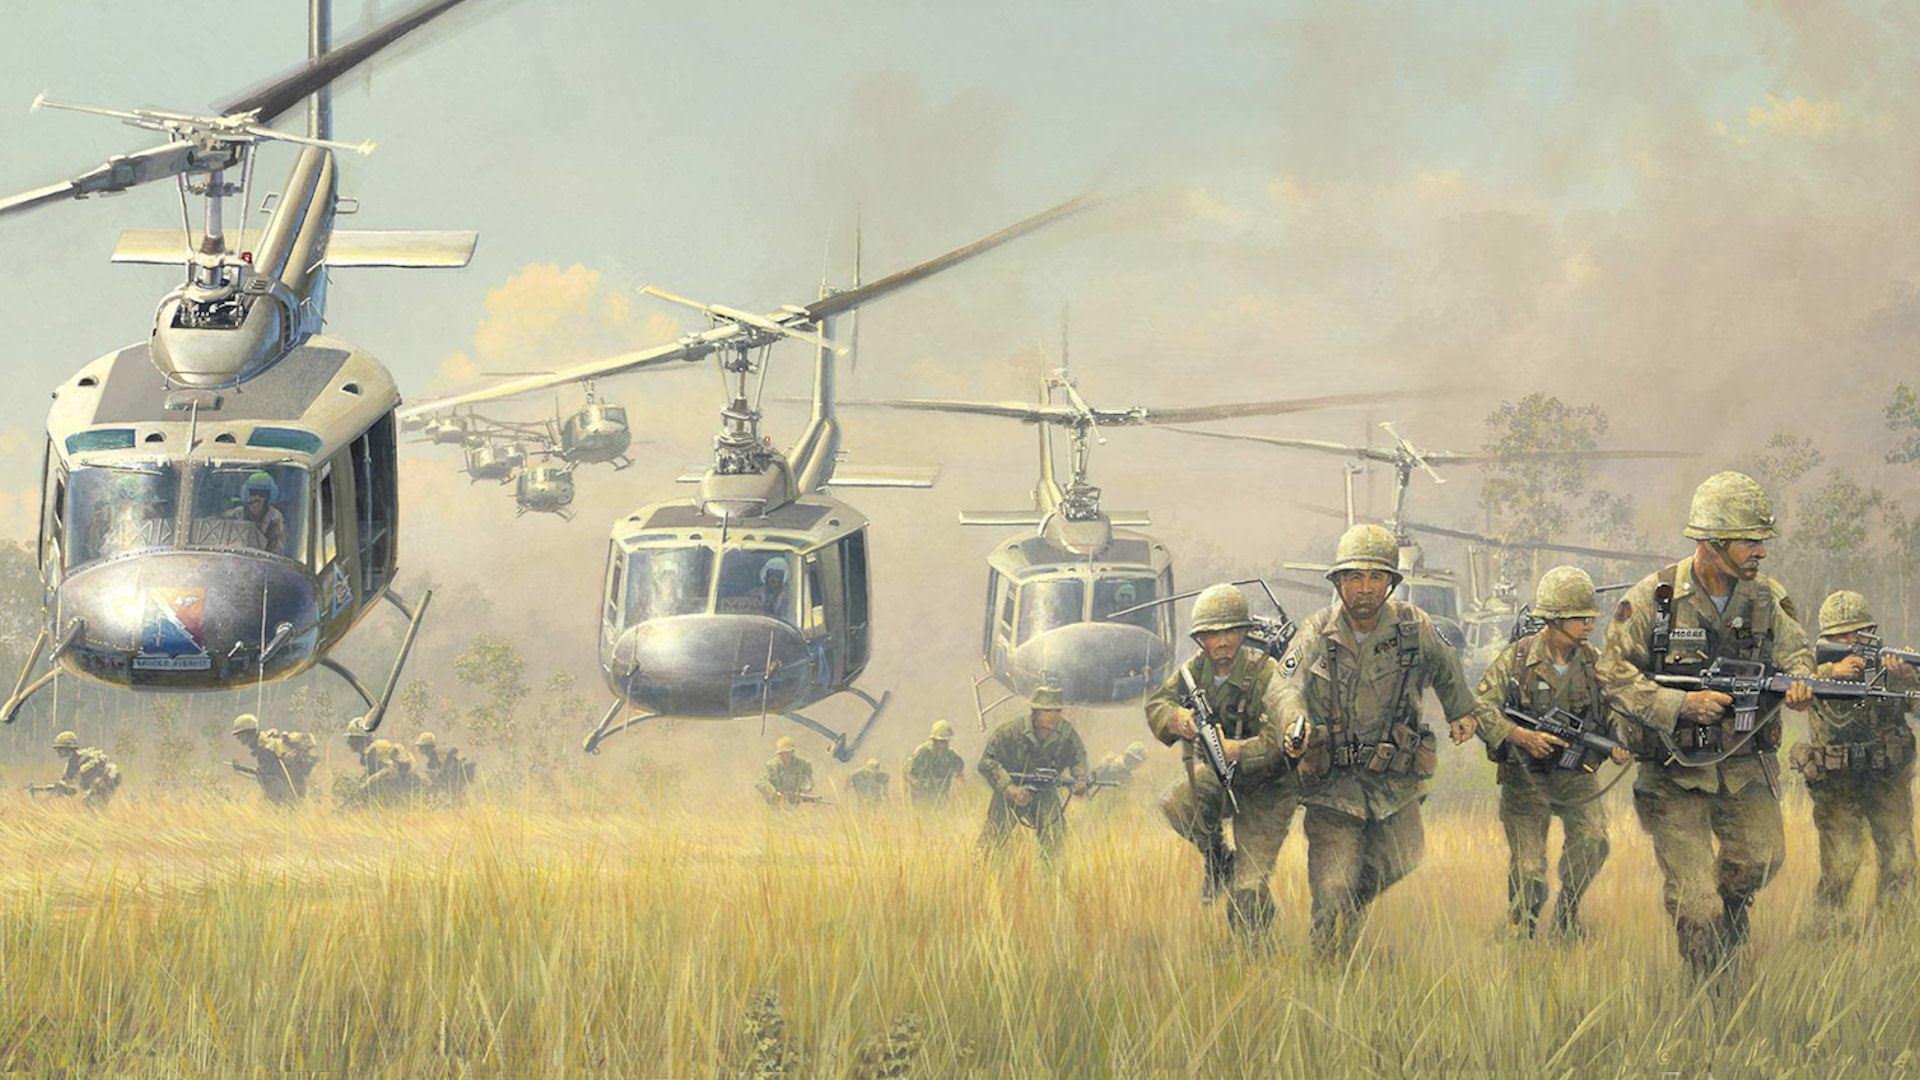 war iroquois landing huey vietnam bell wallpaper background 1920x1080